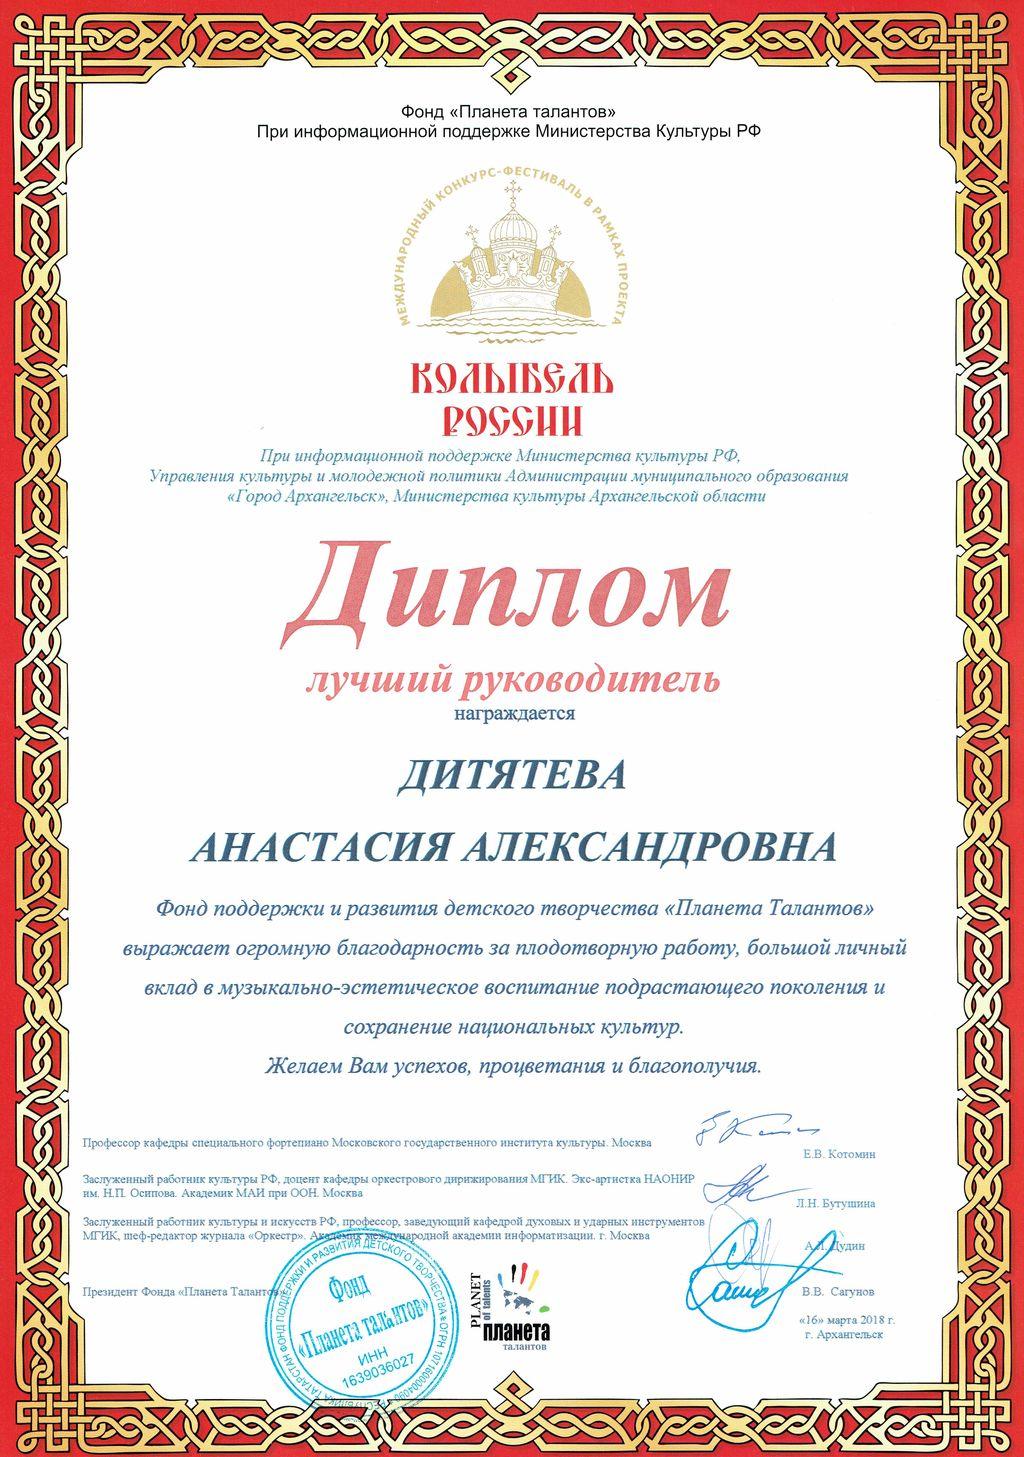 Диплом Лучший руководитель Дитетевой А.А. в международном конкурсе Колыбель Россиии